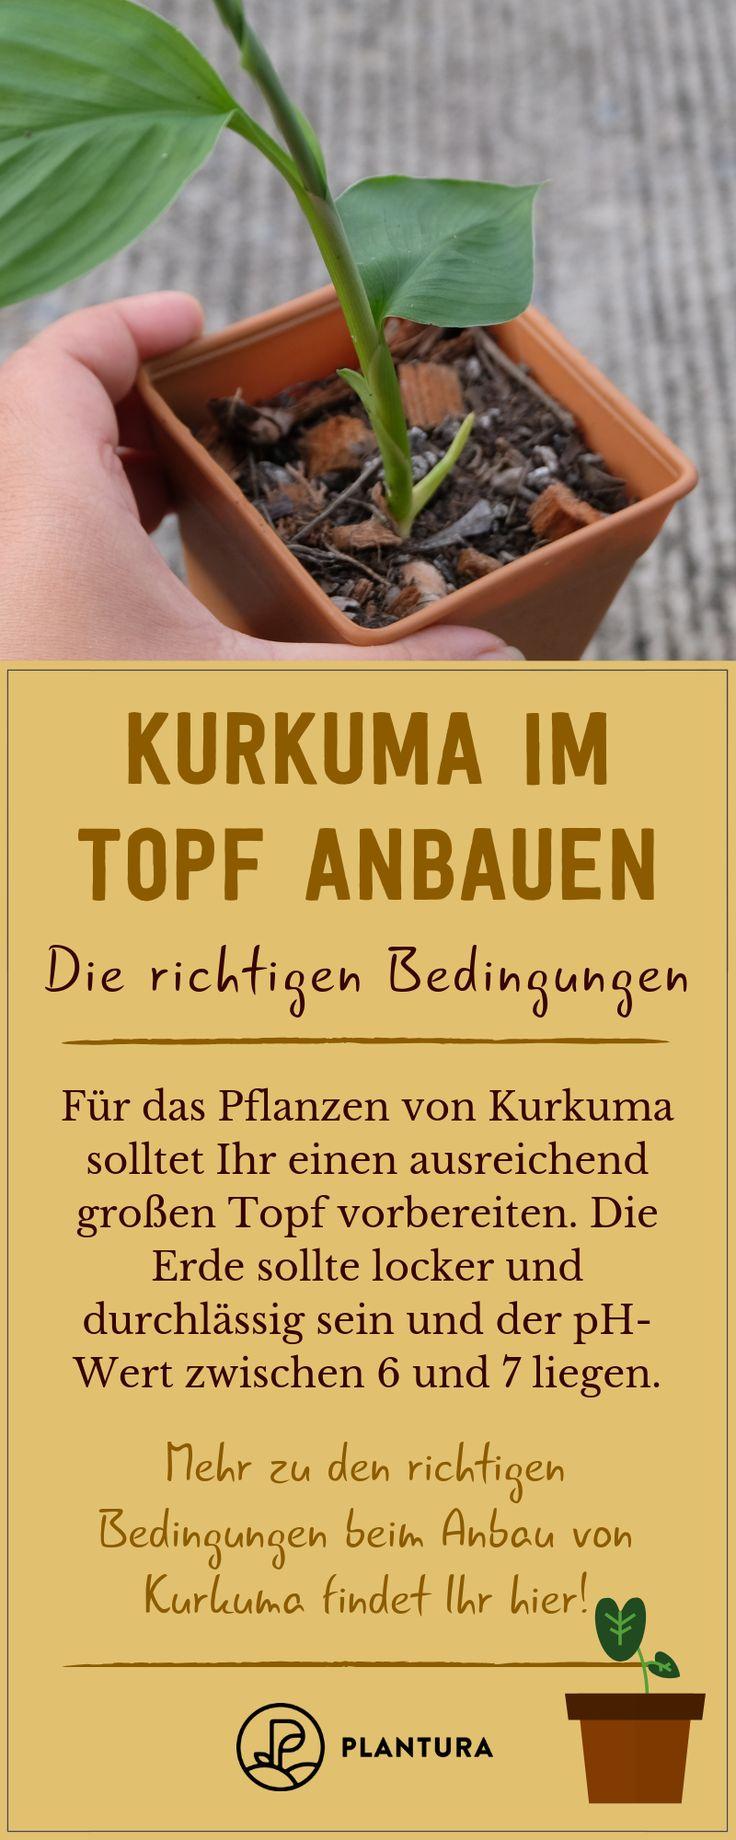 Kurkuma in einem Topf anbauen: 5 Tipps für eine erfolgreiche Ernte